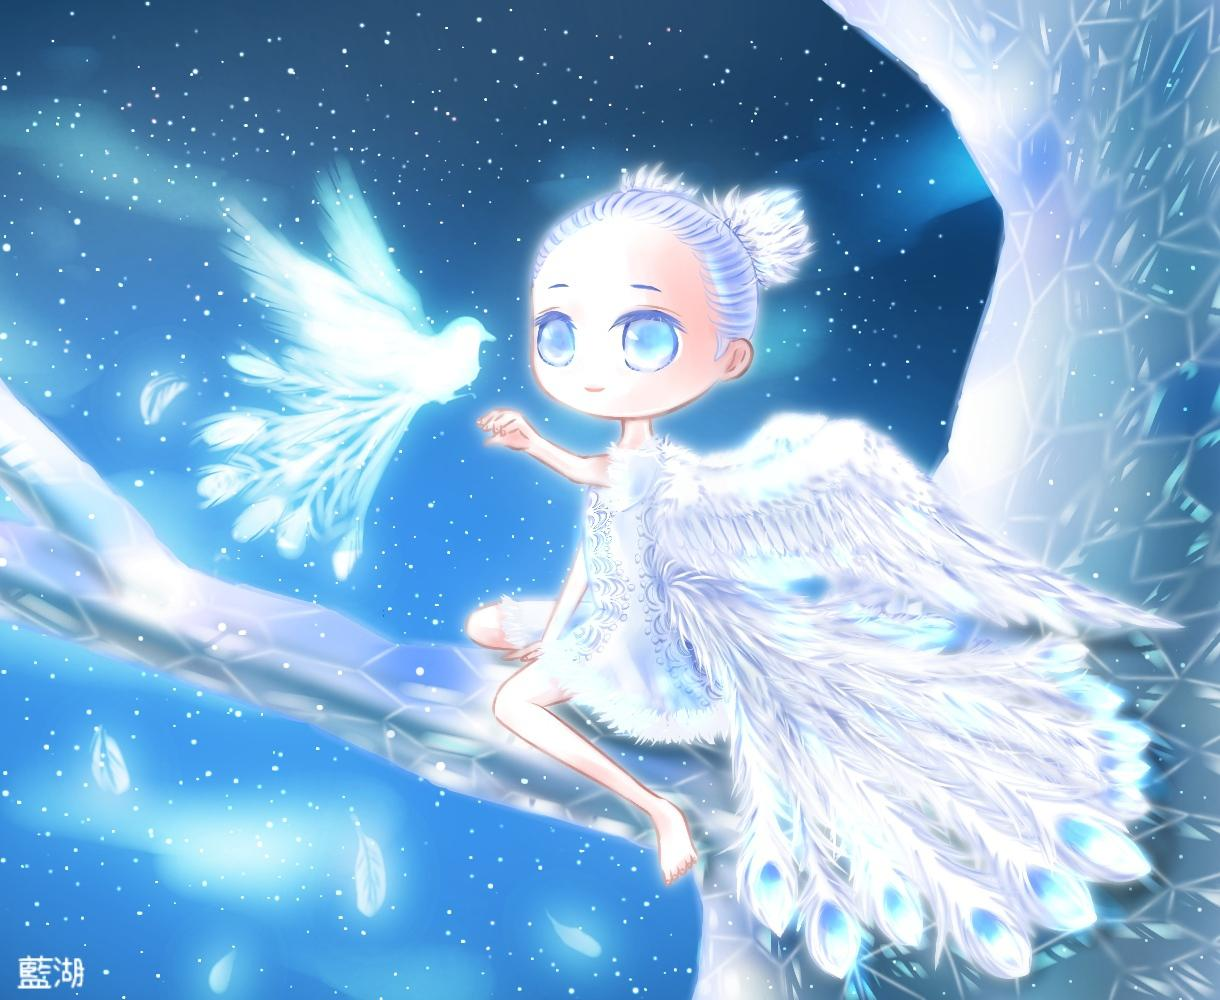 可愛いキャラクターイラスト描きます SNSアイコン、その他イラスト作成を承ります。